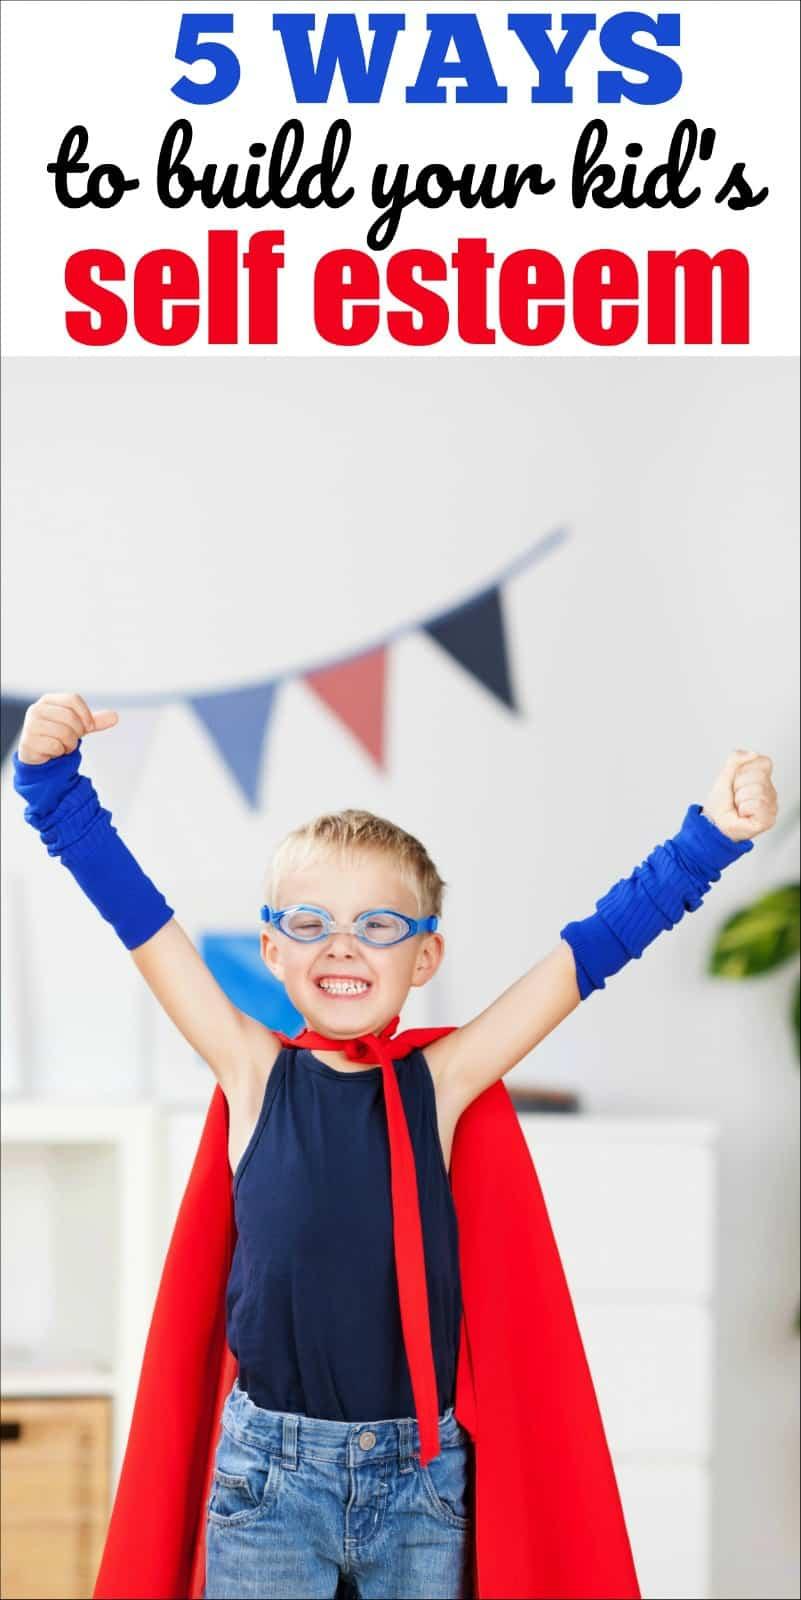 5 Ways to Build Your Kid's Self-Esteem